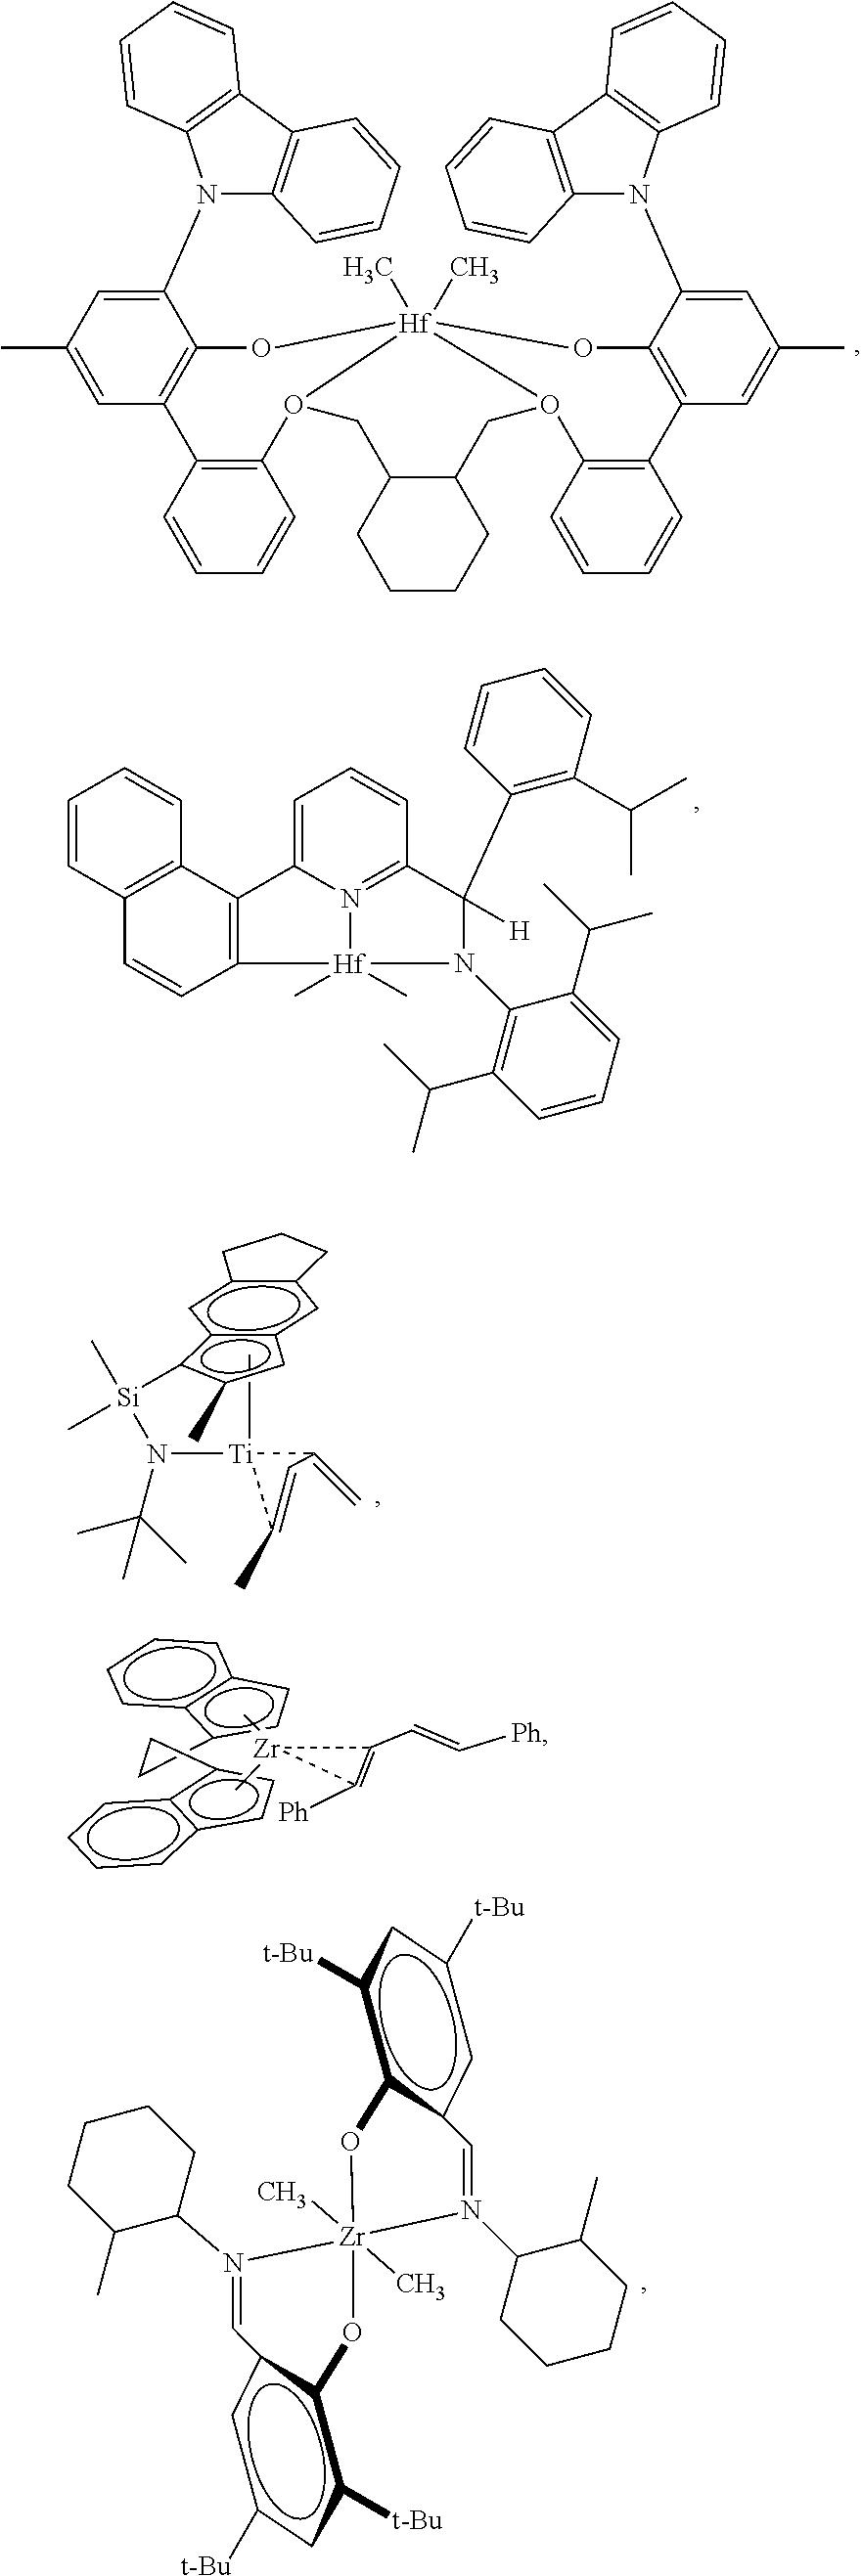 Figure US20120116034A1-20120510-C00002